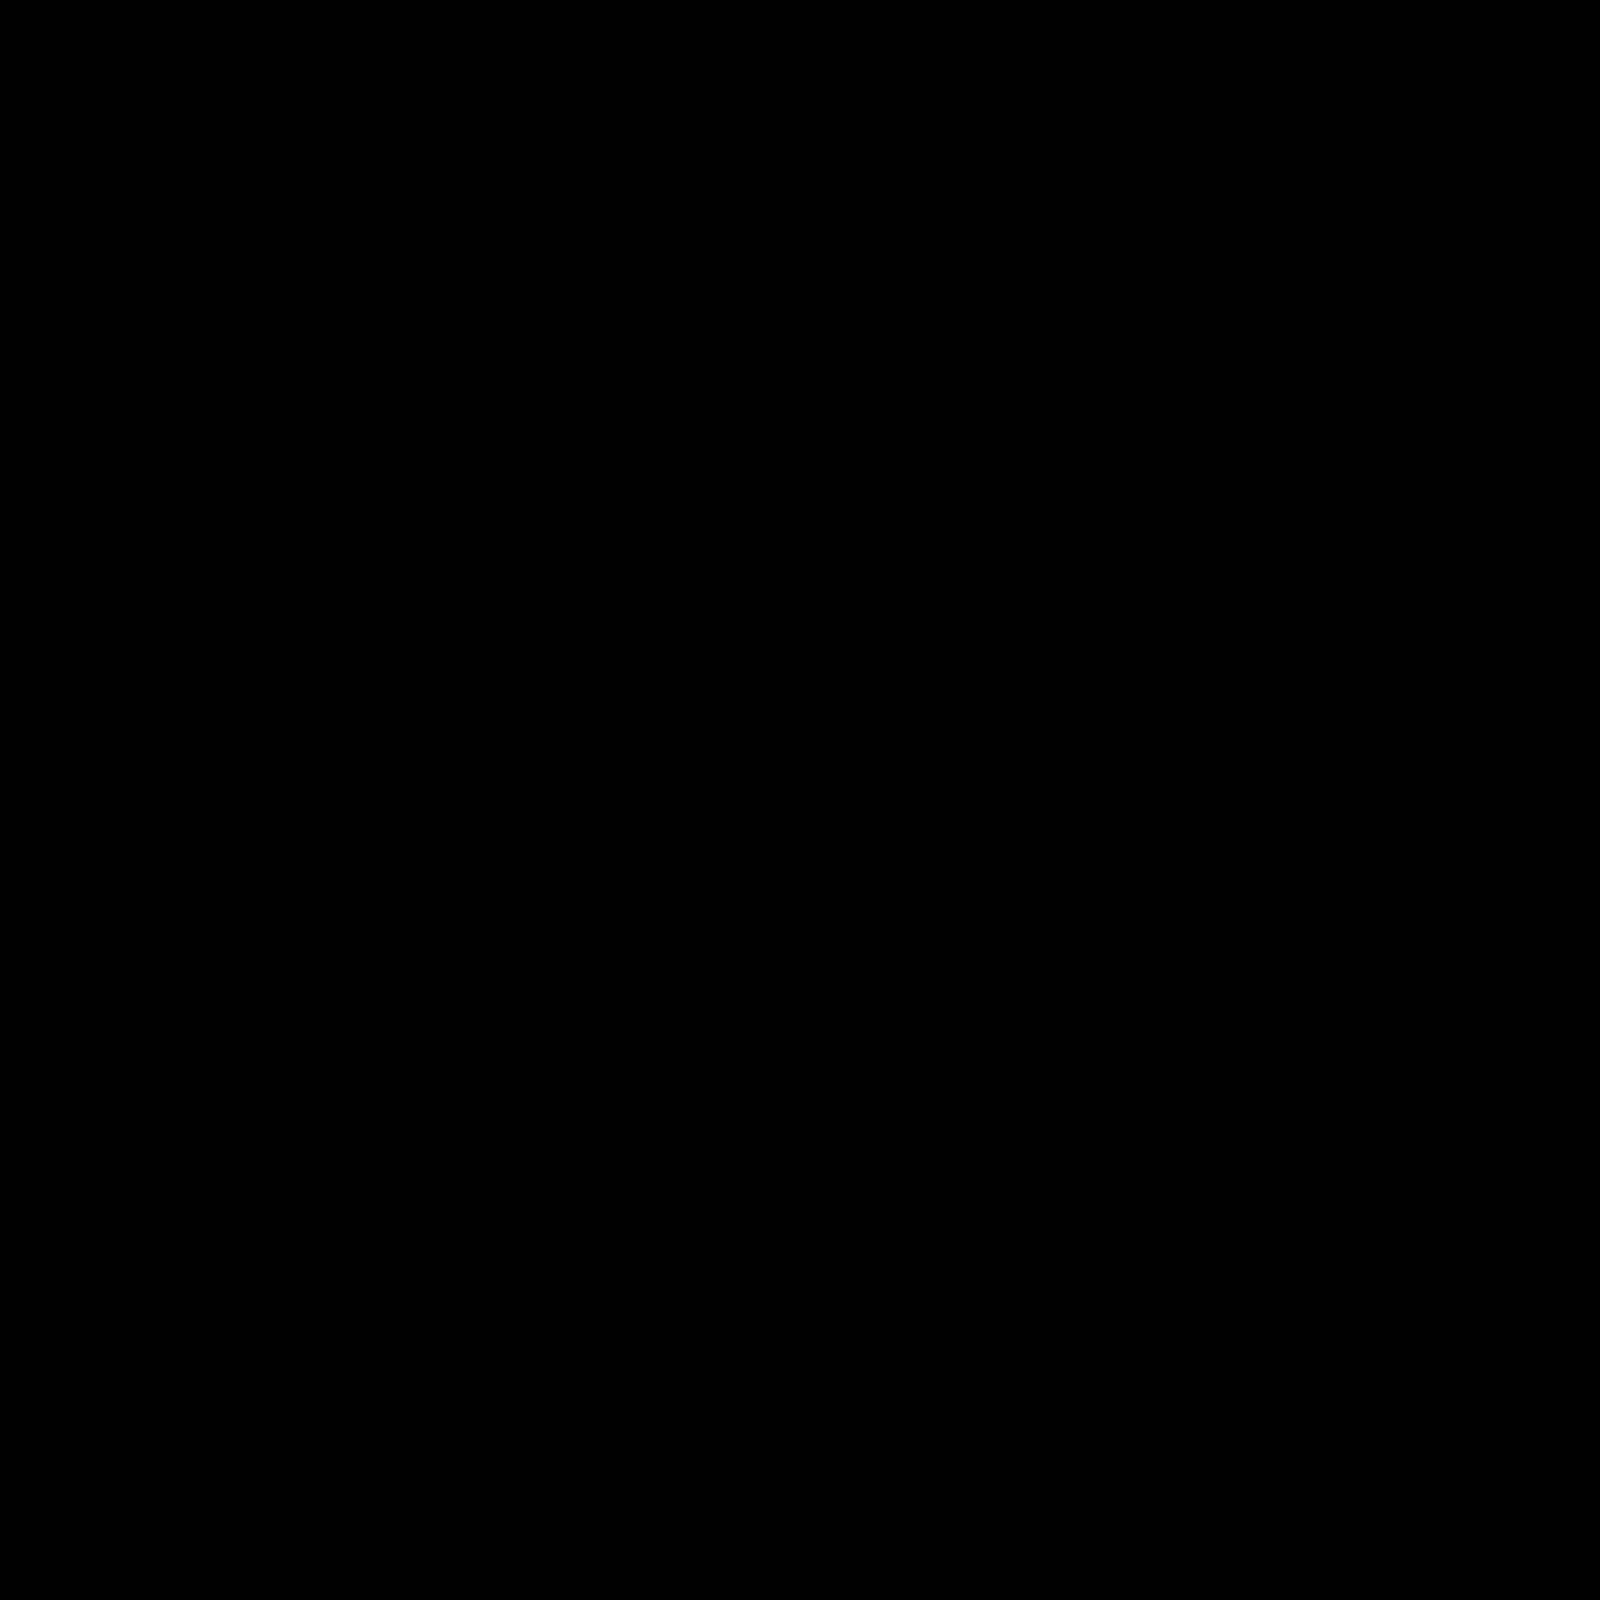 1600x1600 Tentacle Vector